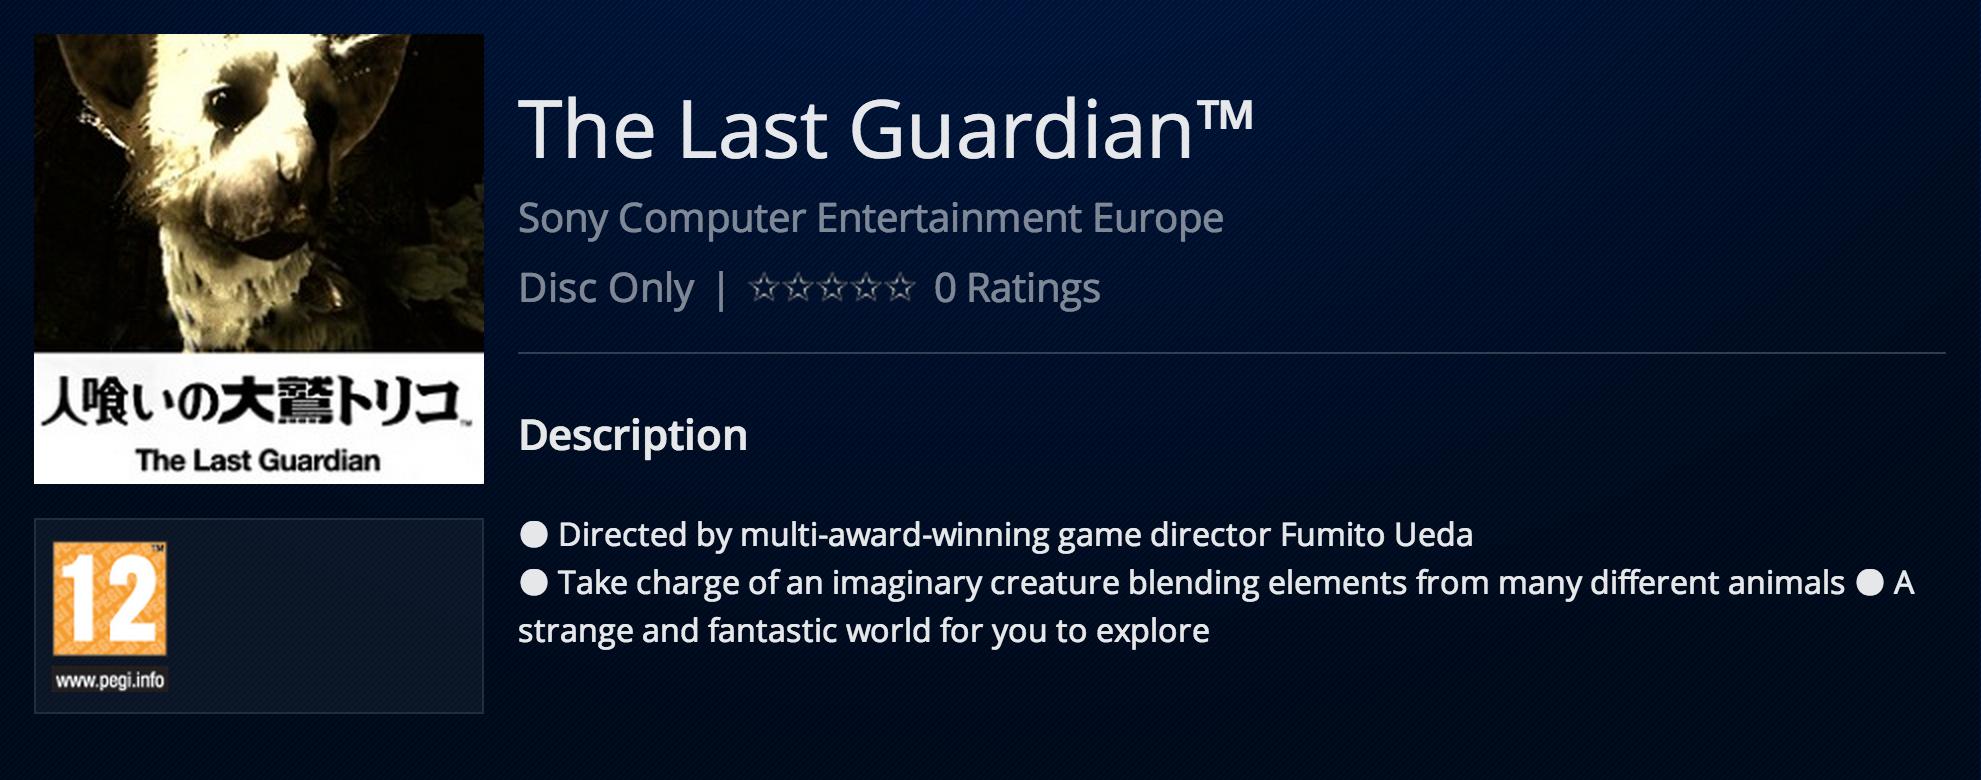 The Last Guardian PSN Listing